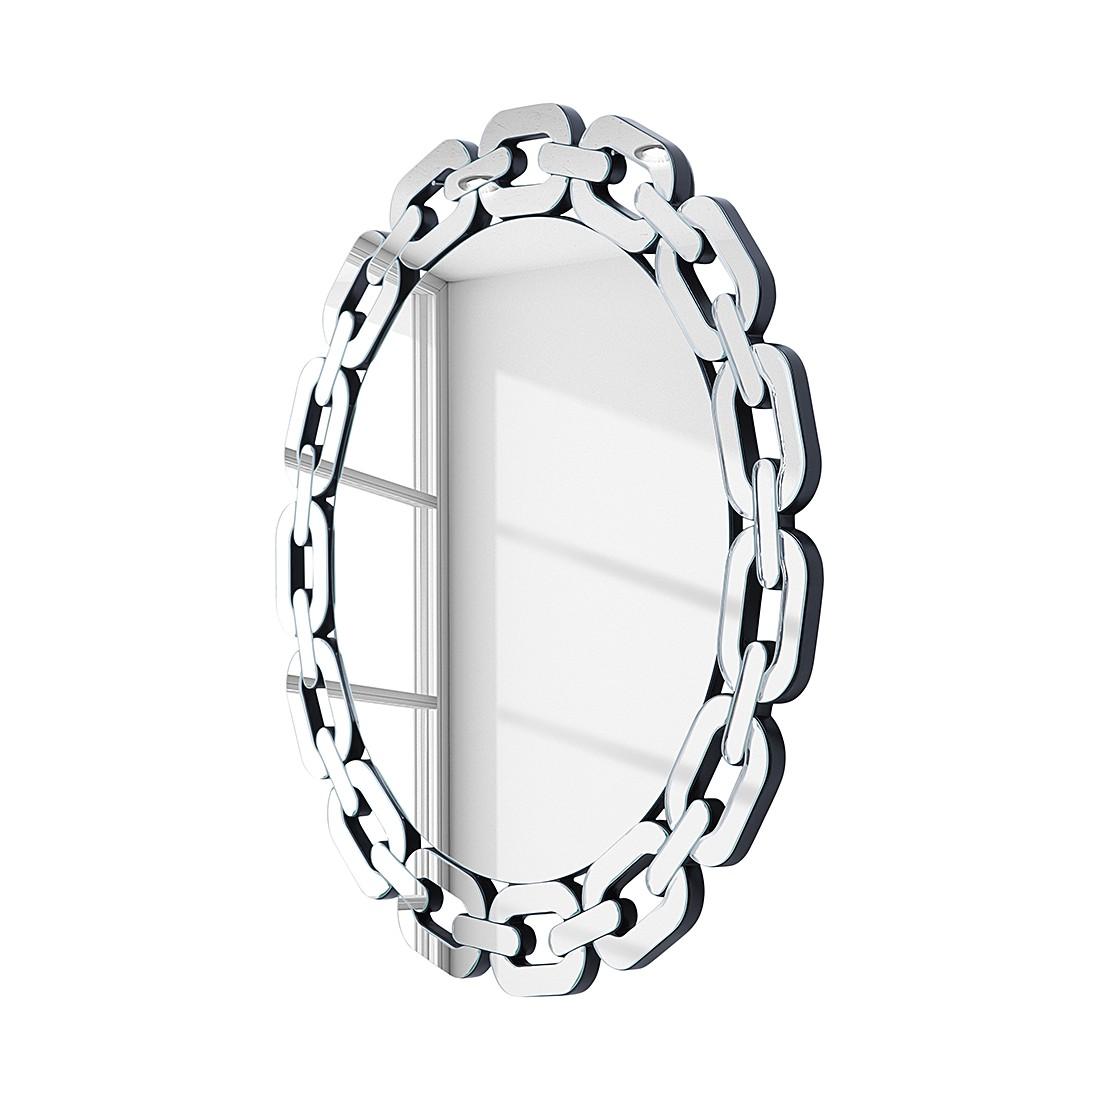 Spiegel Kare Design spiegel günstig kaufen über shop24 at shop24